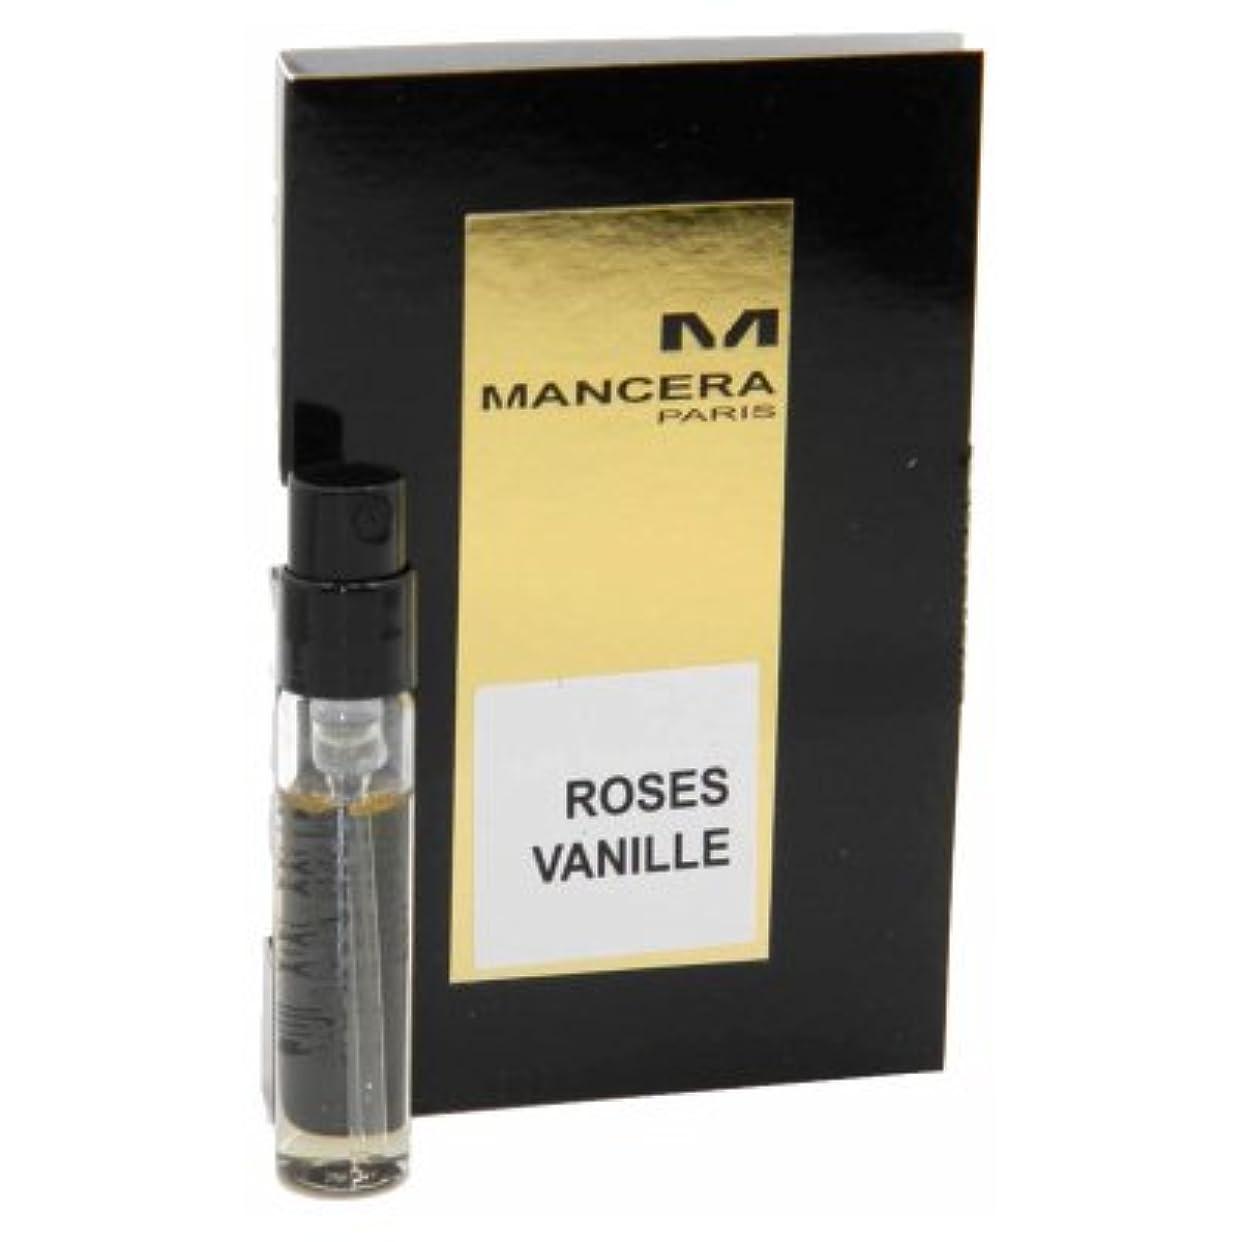 母音別の権限を与えるMancera Roses Vanille EDP Vial Sample 2ml(マンセラ ローゼズ ヴァニーユ オードパルファン 2ml)[海外直送品] [並行輸入品]